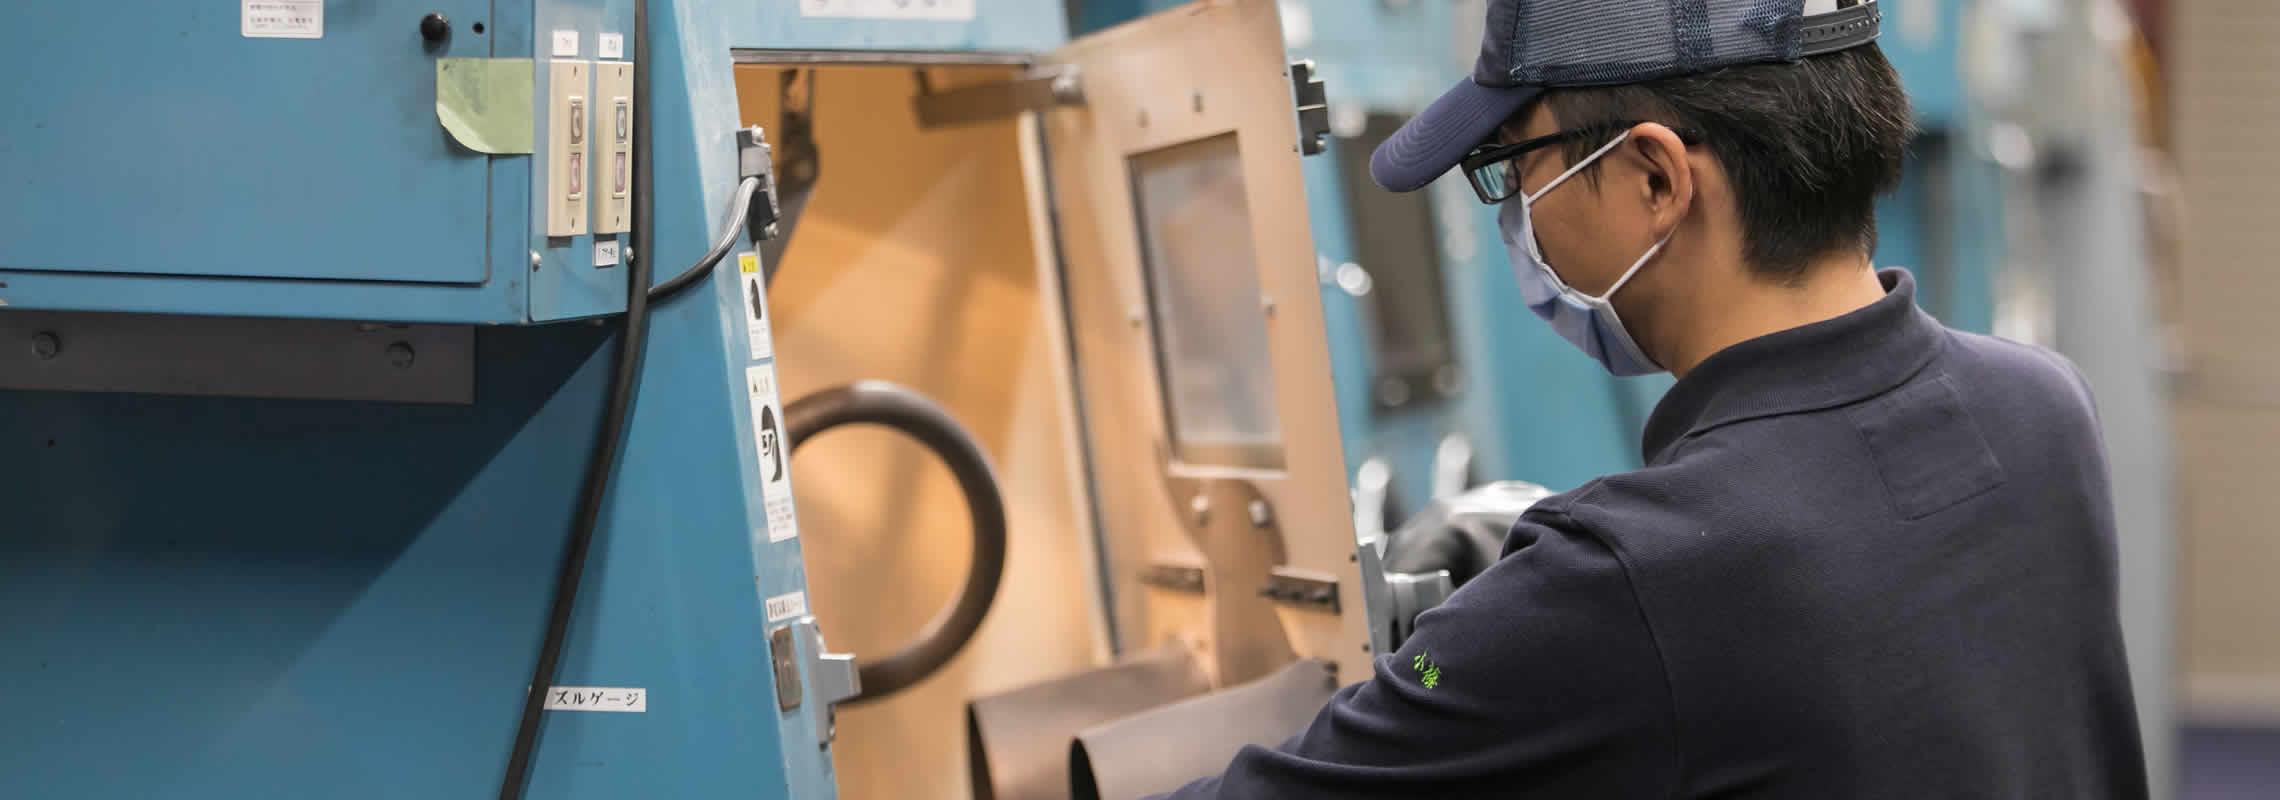 wPC处理精密喷丸处理(机械零部件、切削工具、模具)